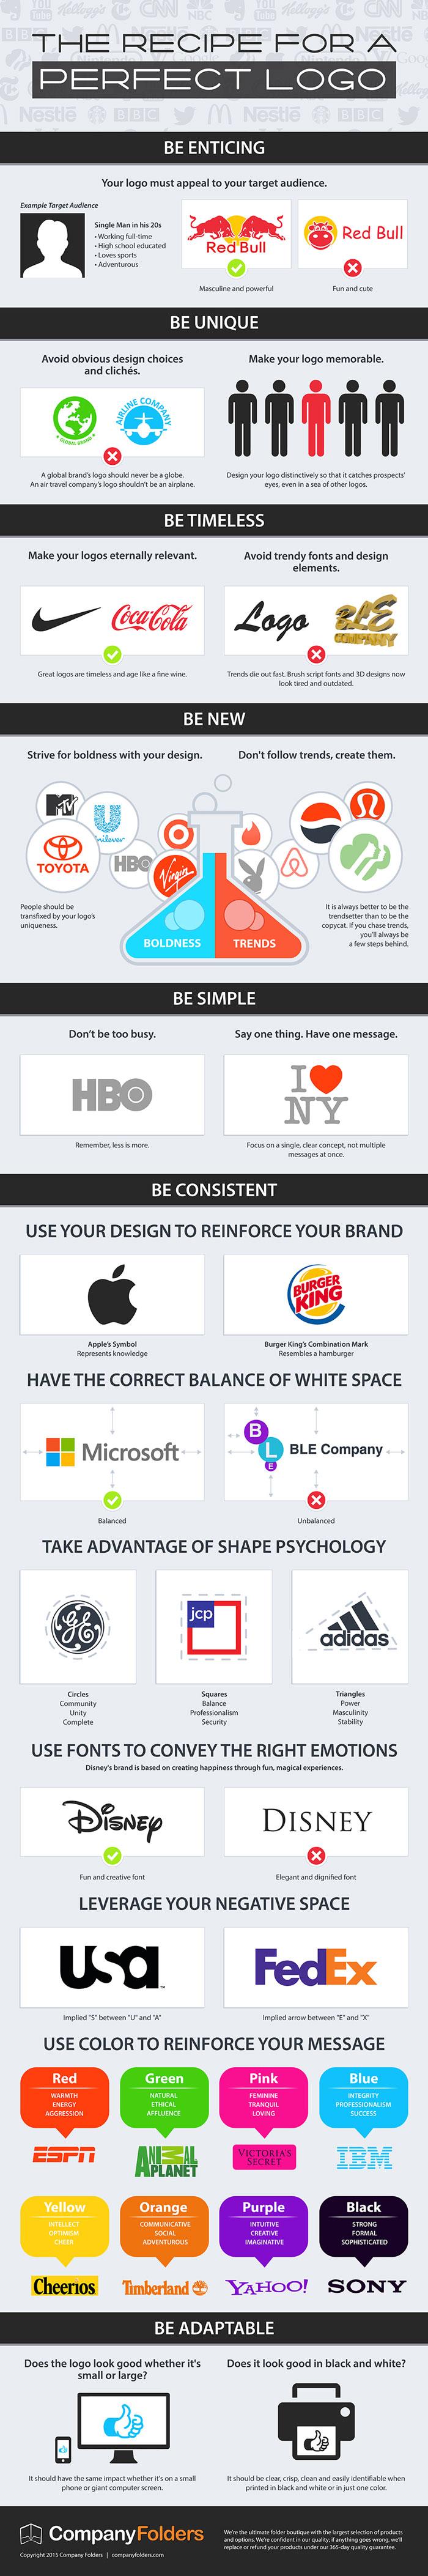 infografia diseña un logo perfecto